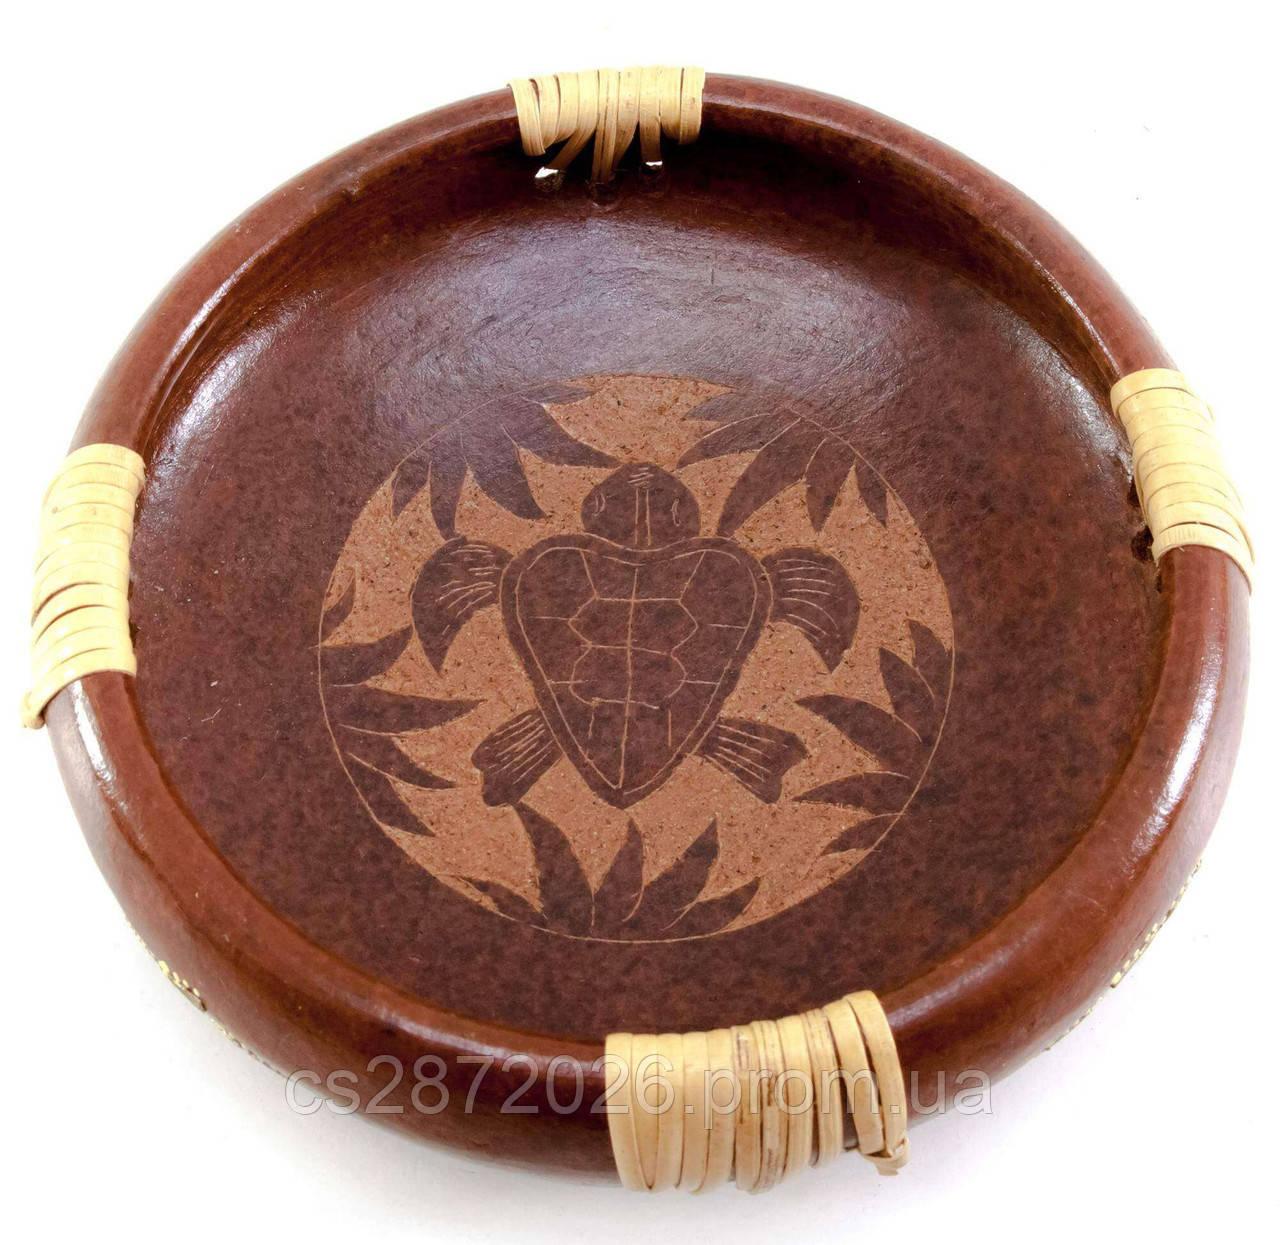 Блюдо круглое из дерева Черепаха